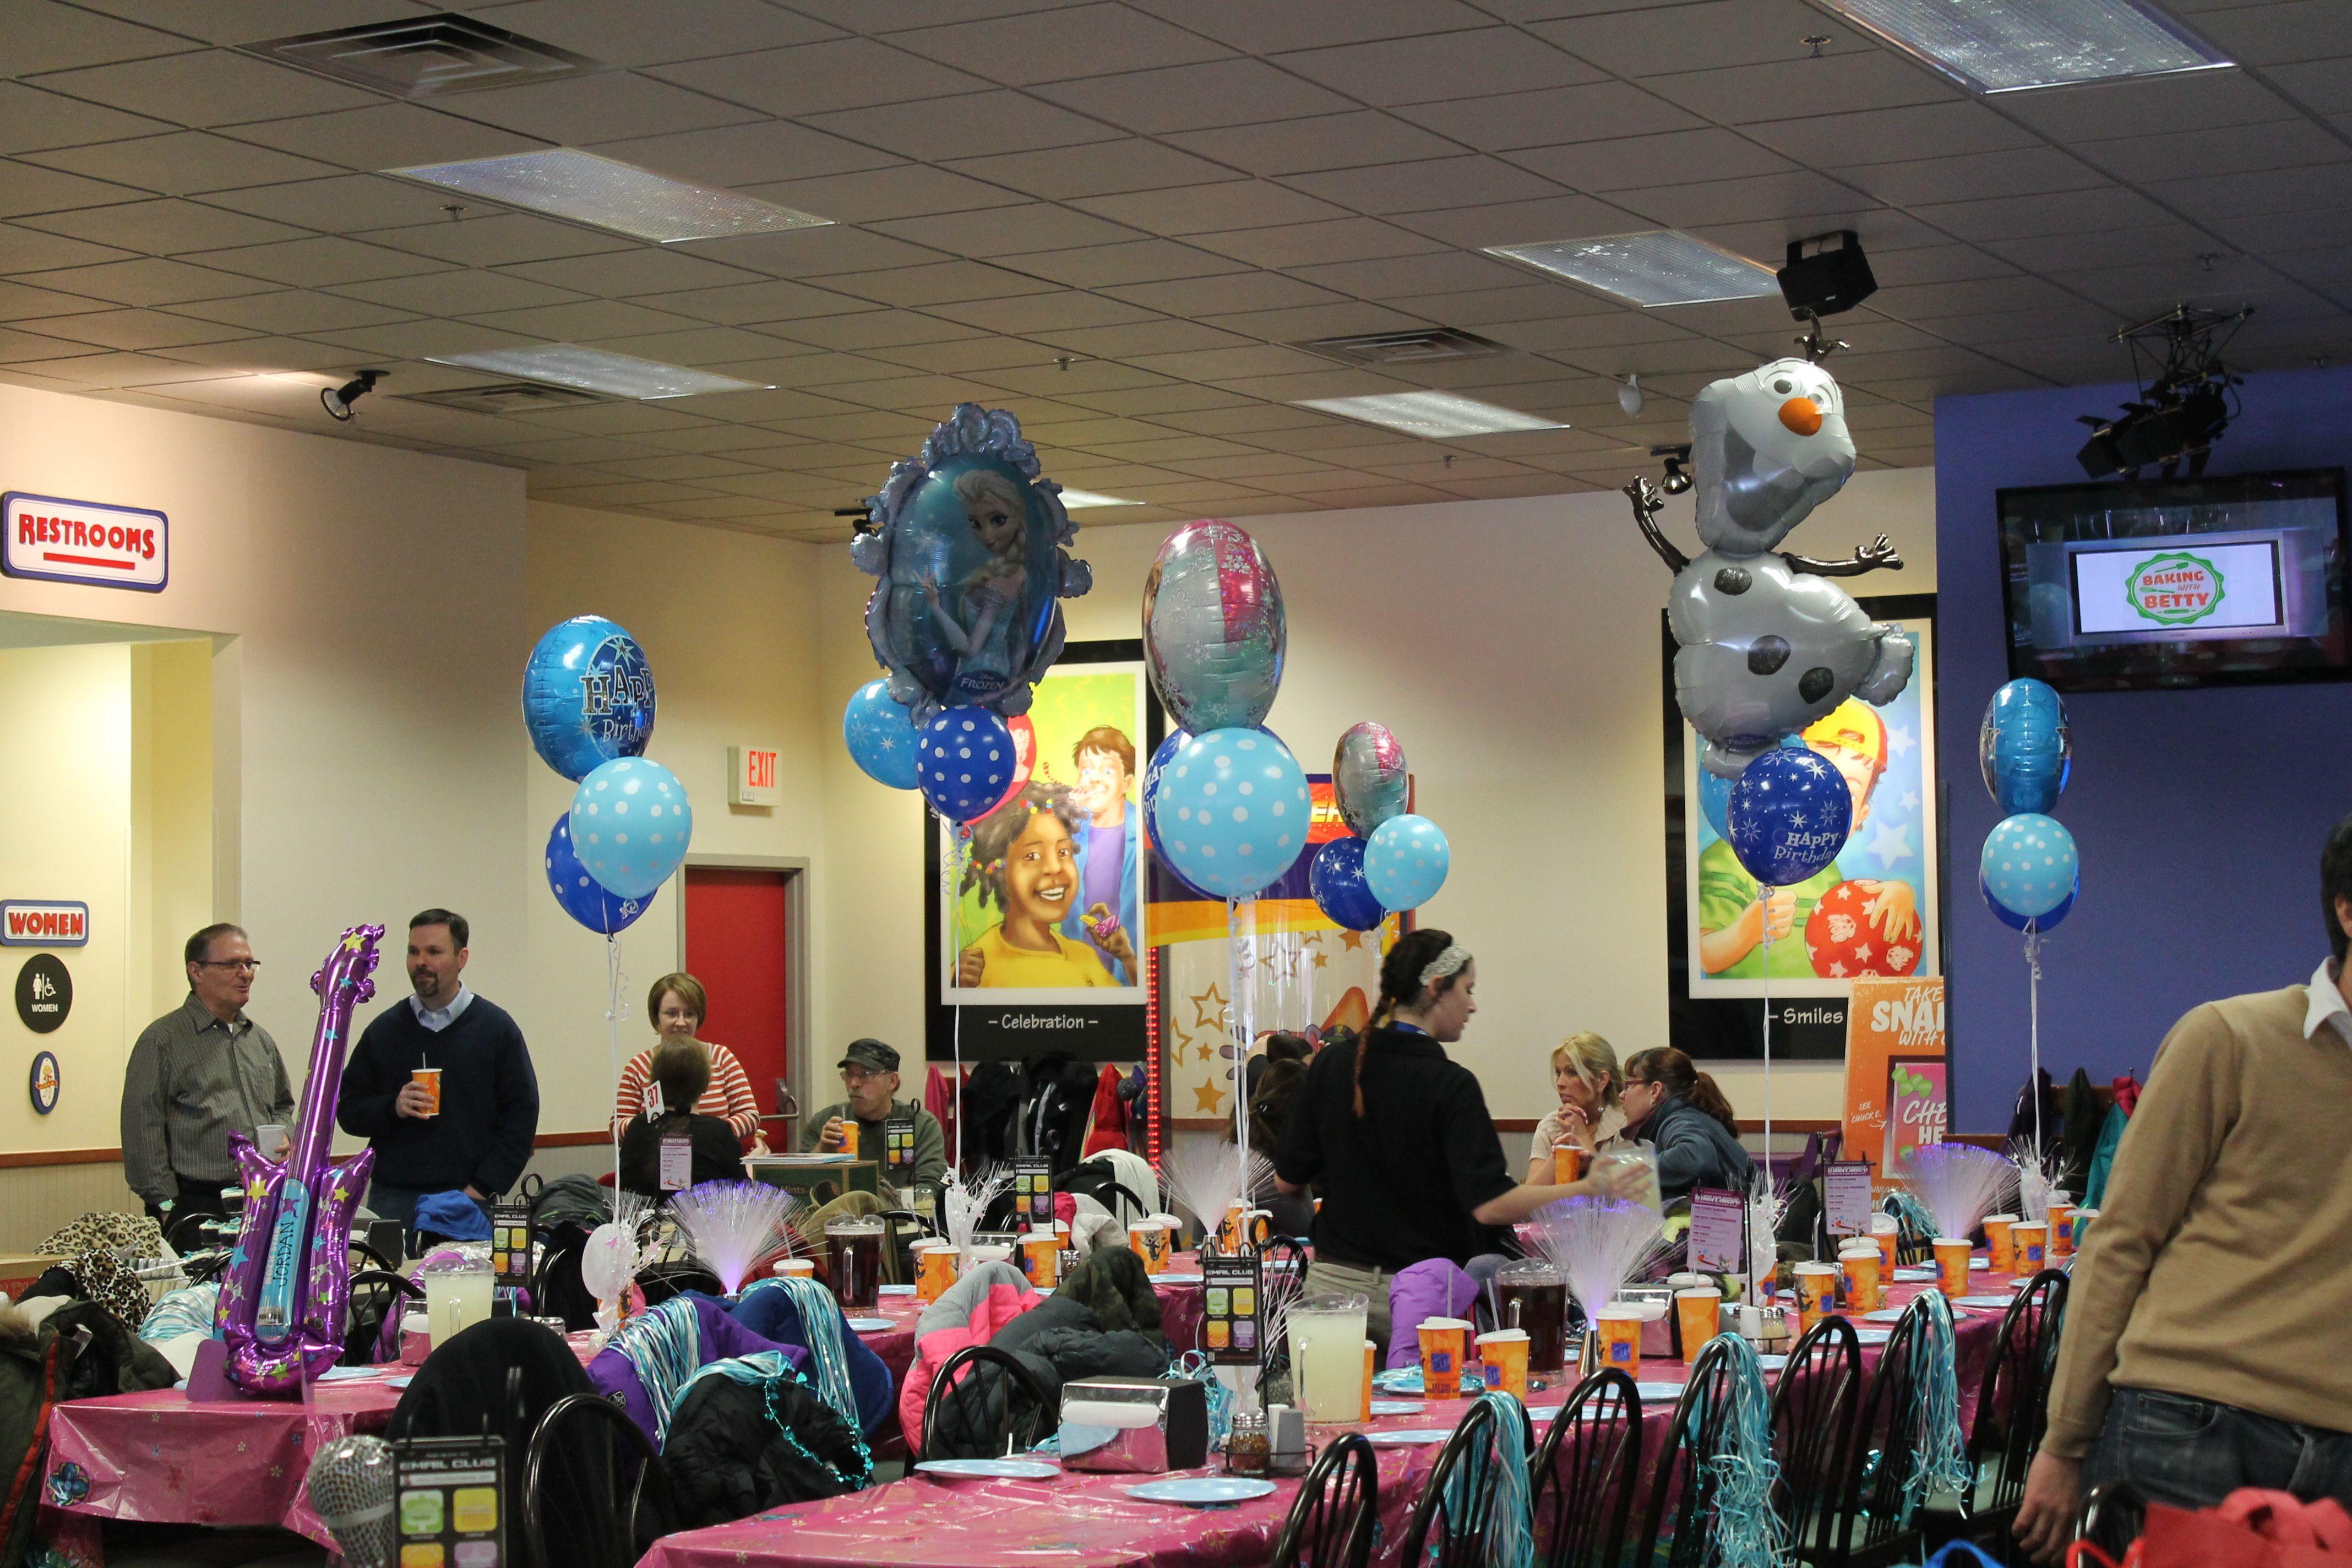 Frozen Party At Chuck E Cheese Chucky Cheese Birthday Party Chuck E Cheese Frozen Party